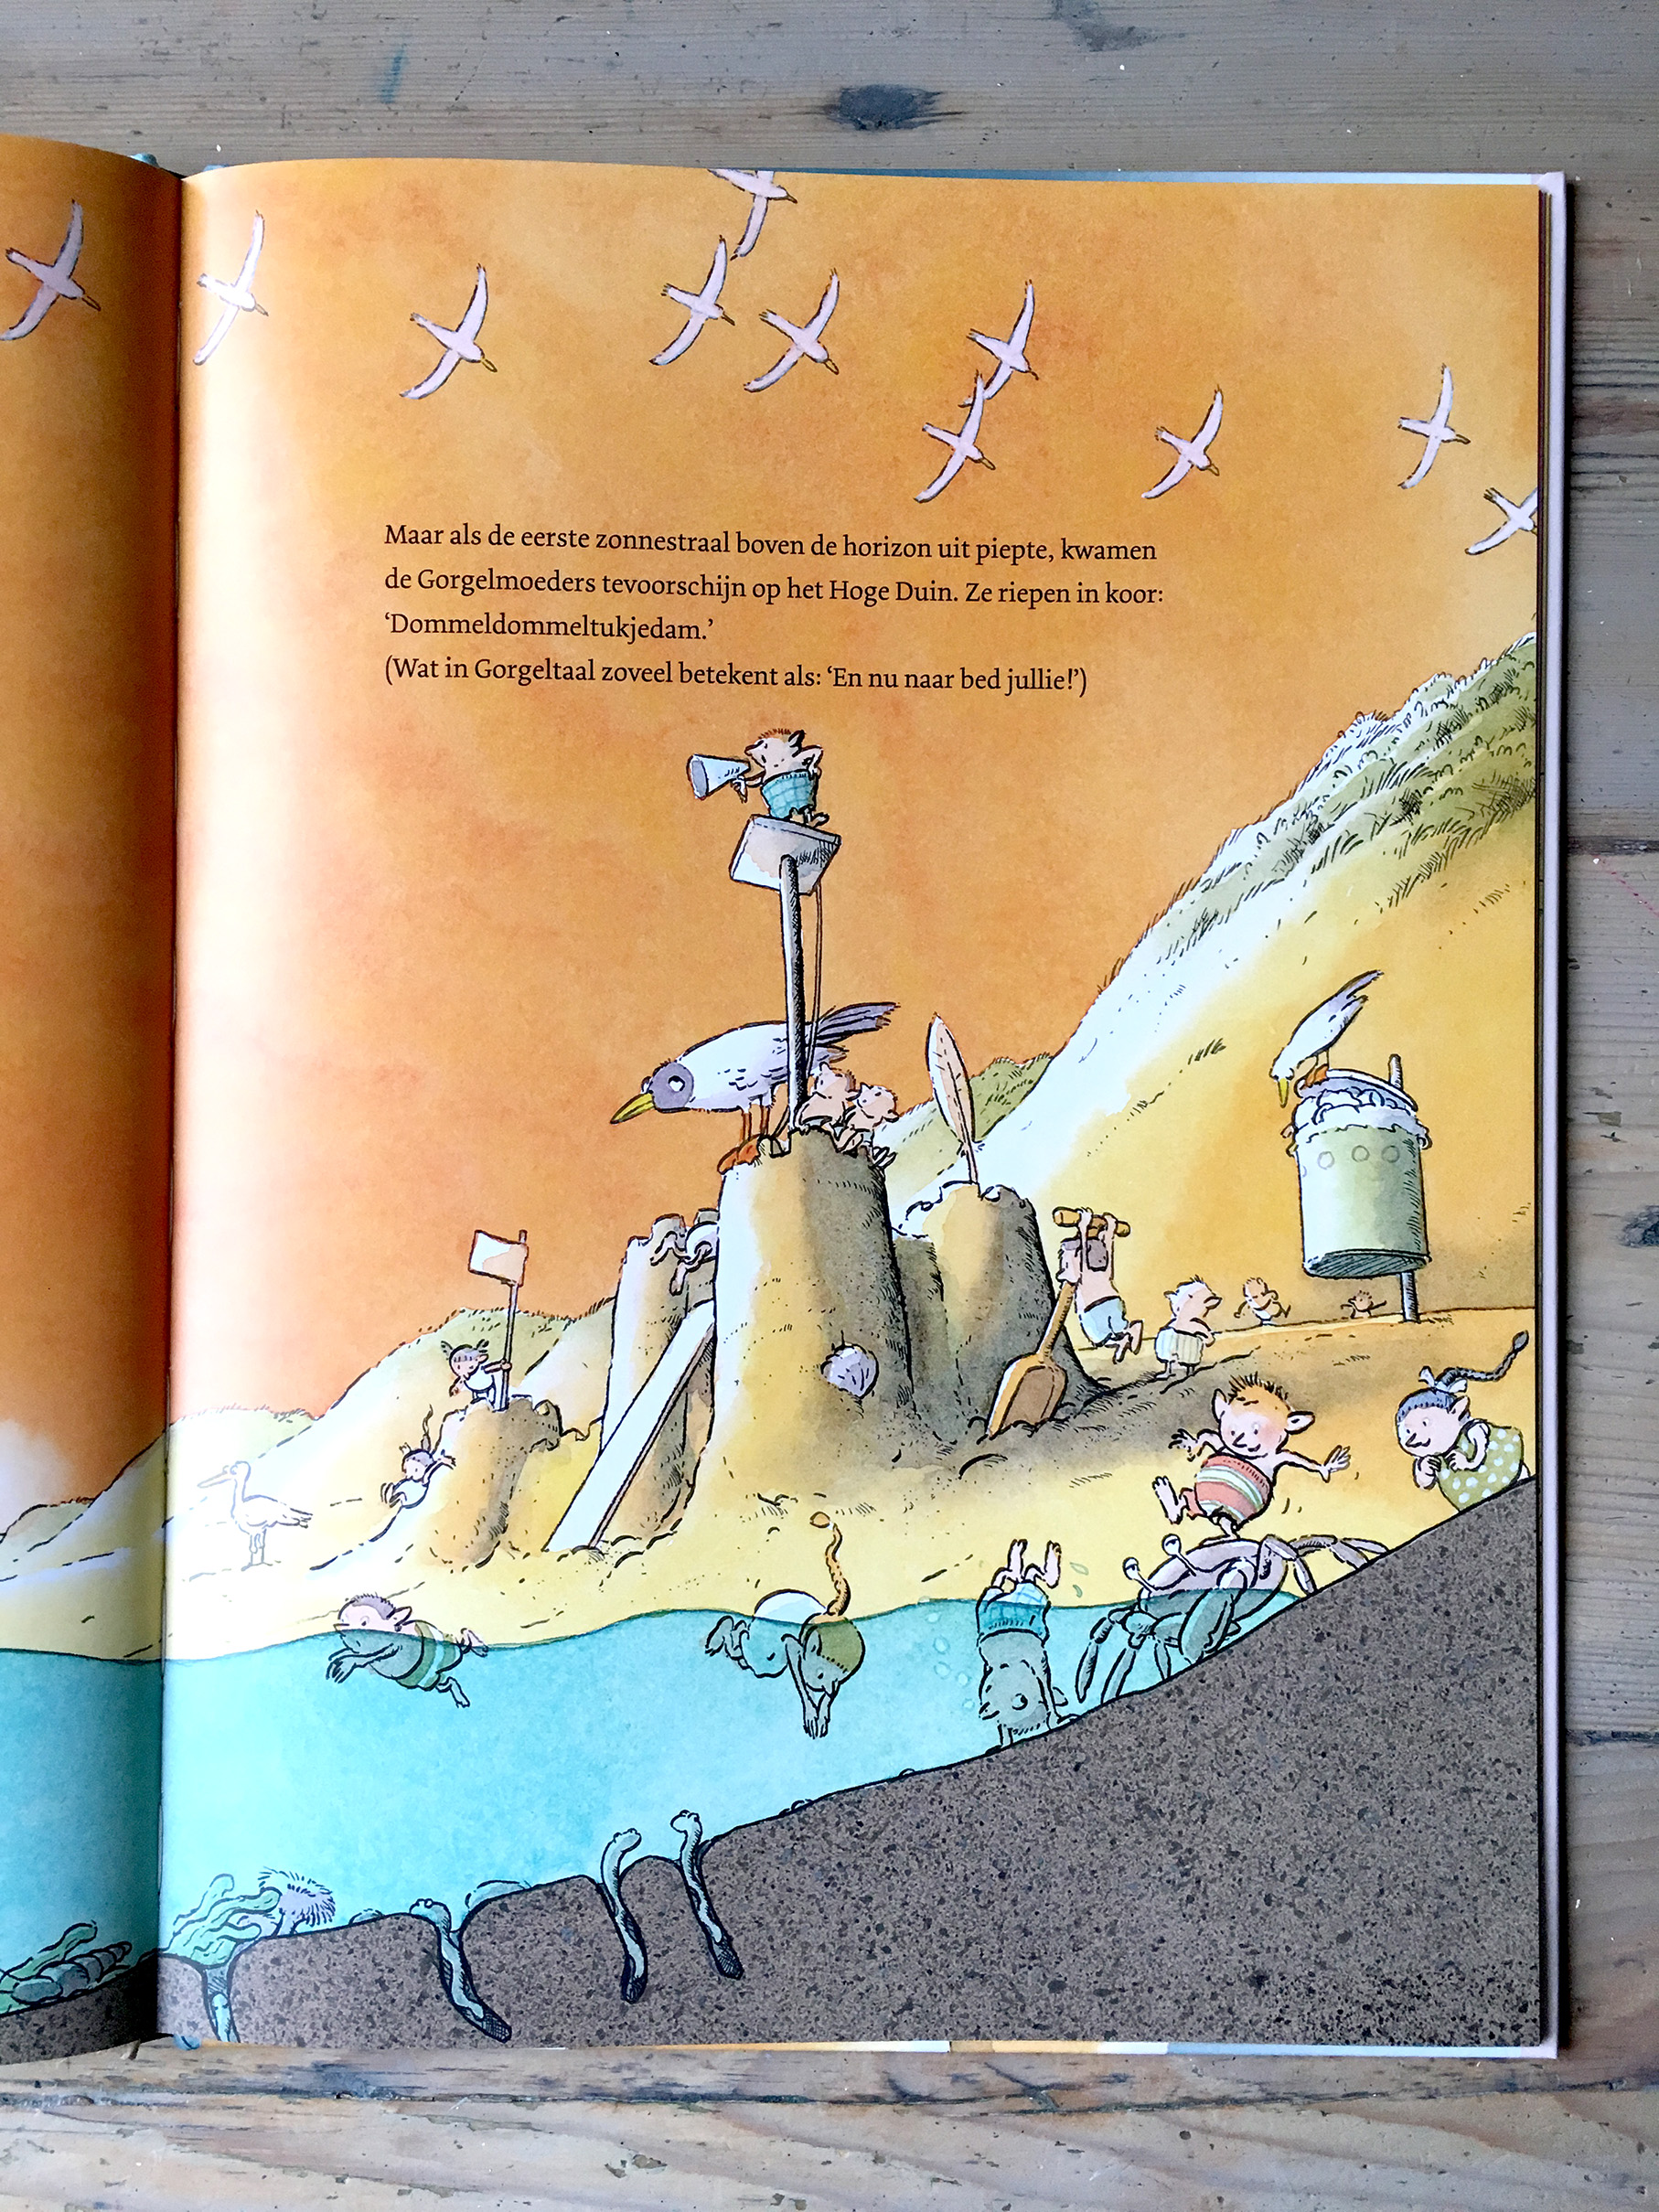 Wereld van de gorgels jochem myjer somoiso hanneke van der meer boekrecensie somoiso de - Vloerlamp van de wereld ...